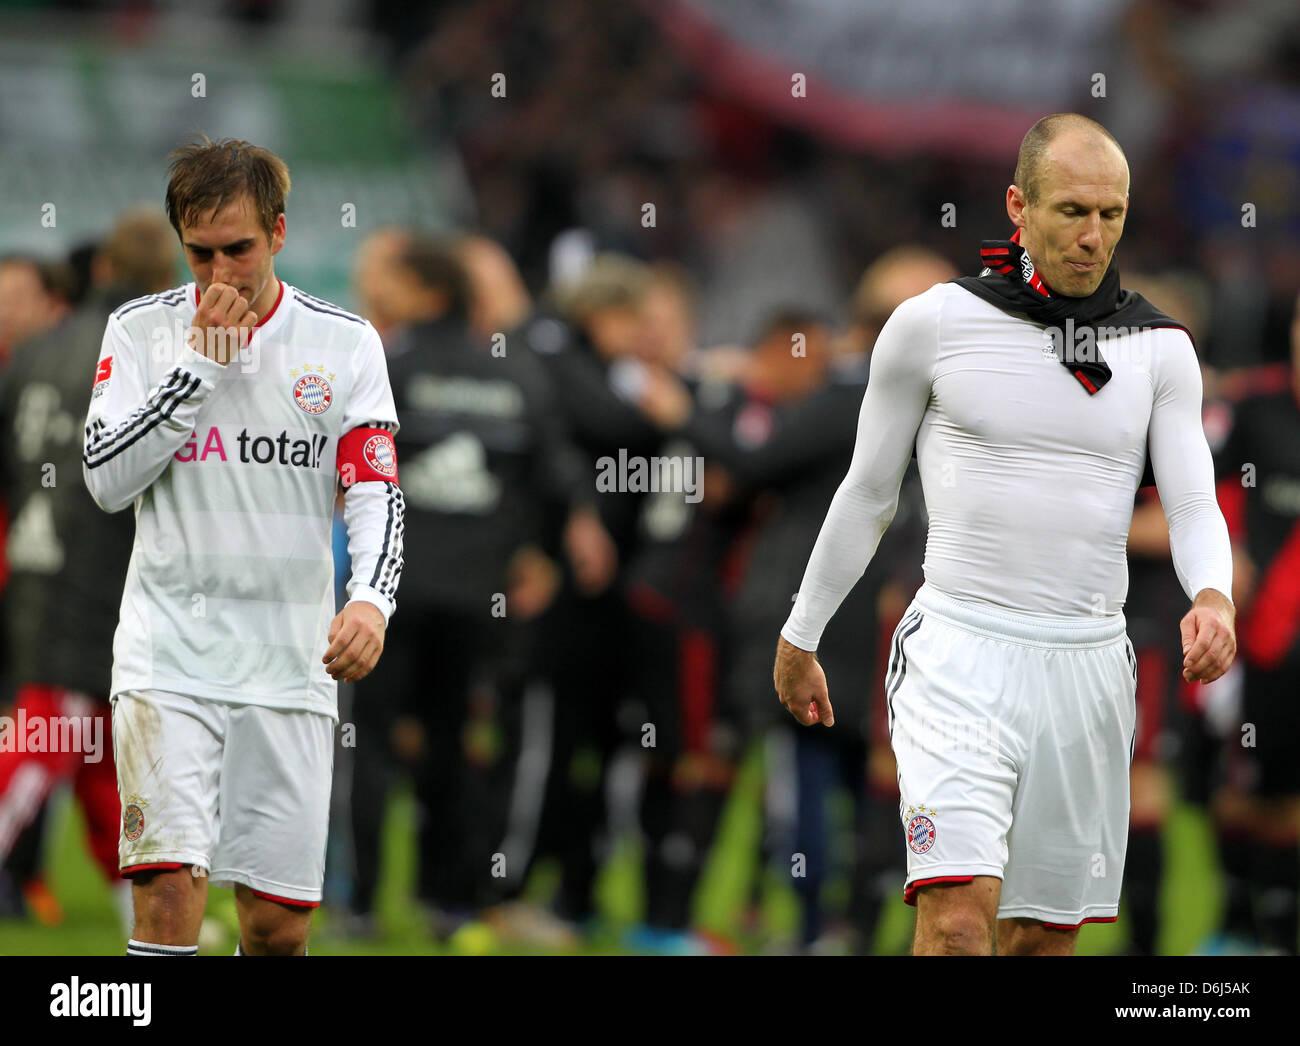 Fußball Bundesliga, 24. Spieltag,  Bayer 04 Leverkusen - Bayern München am Samstag (03.03.2012) in der - Stock Image